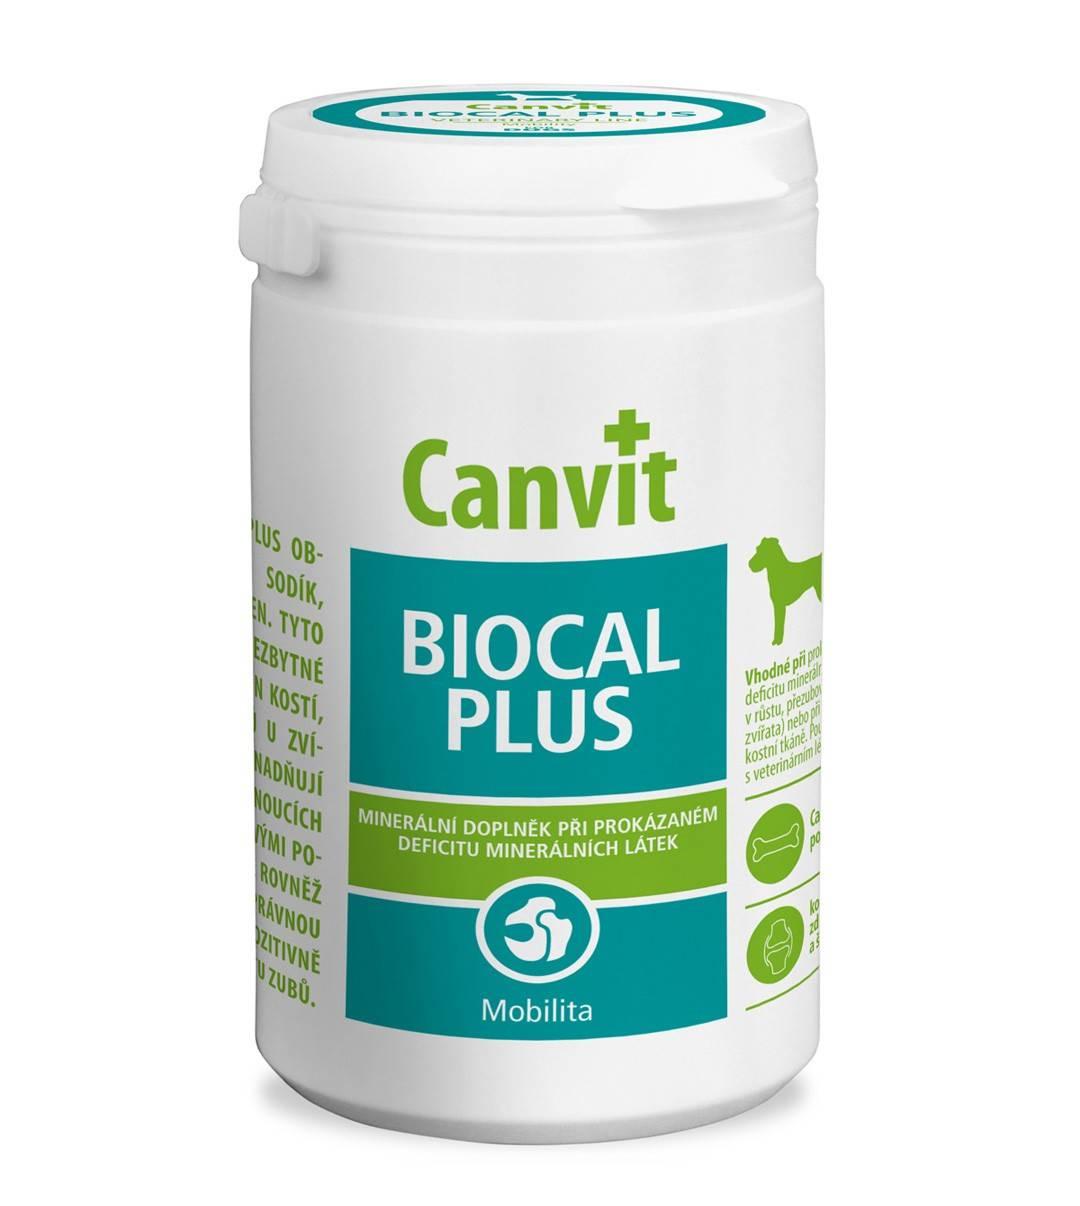 CANVIT BIOCAL PLUS  – мінеральна добавка для собак для поліпшення рухливості